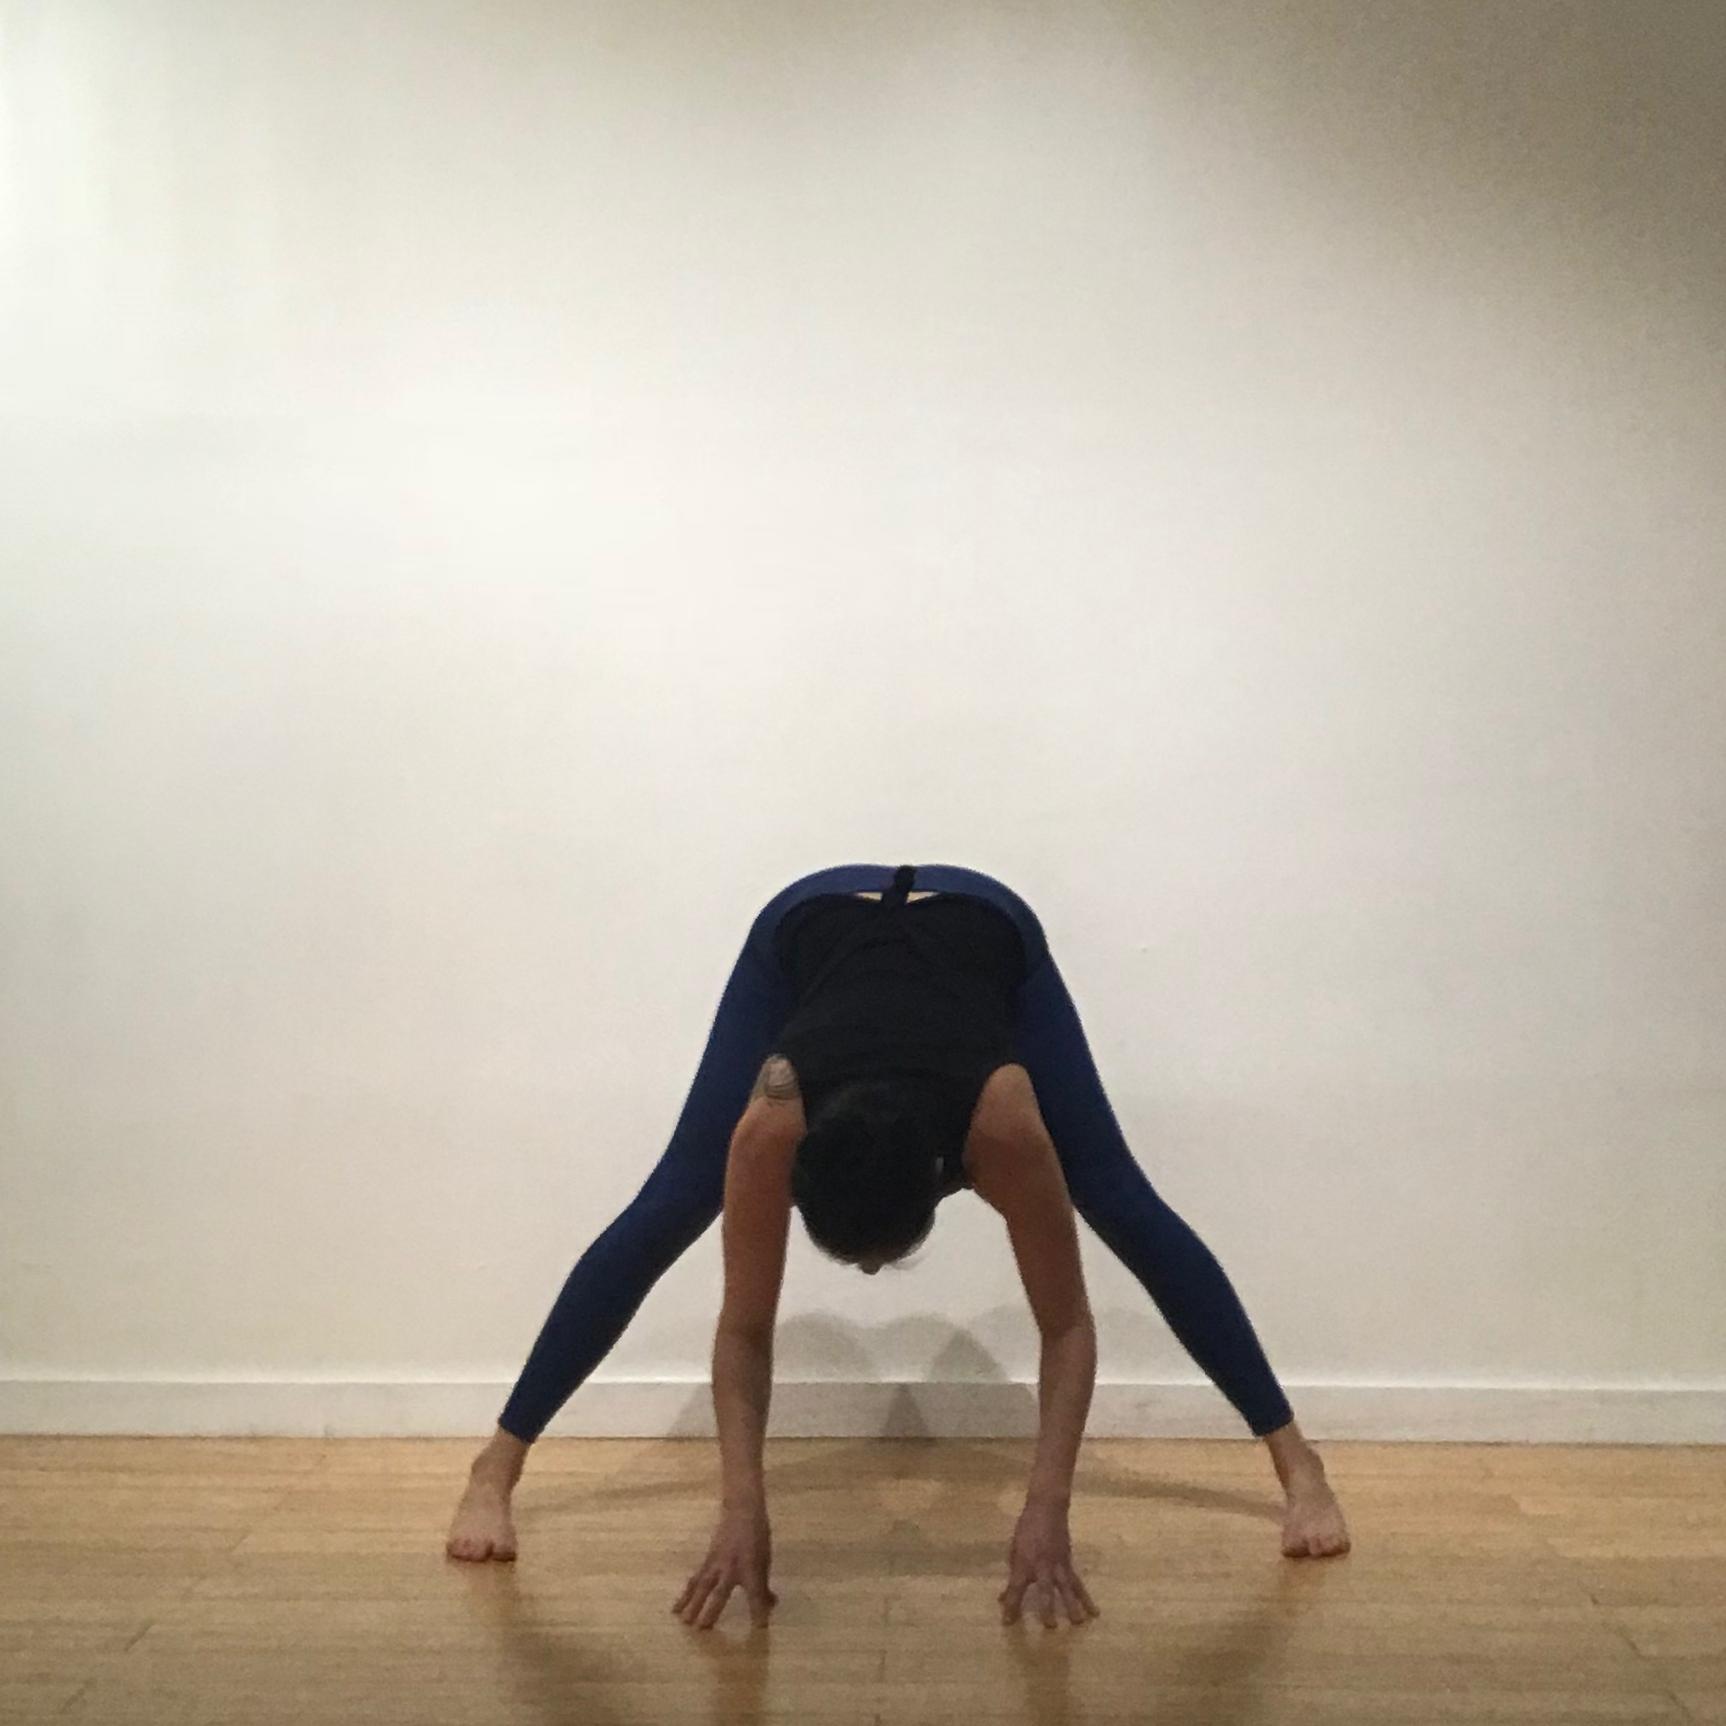 Wide-leg forward fold